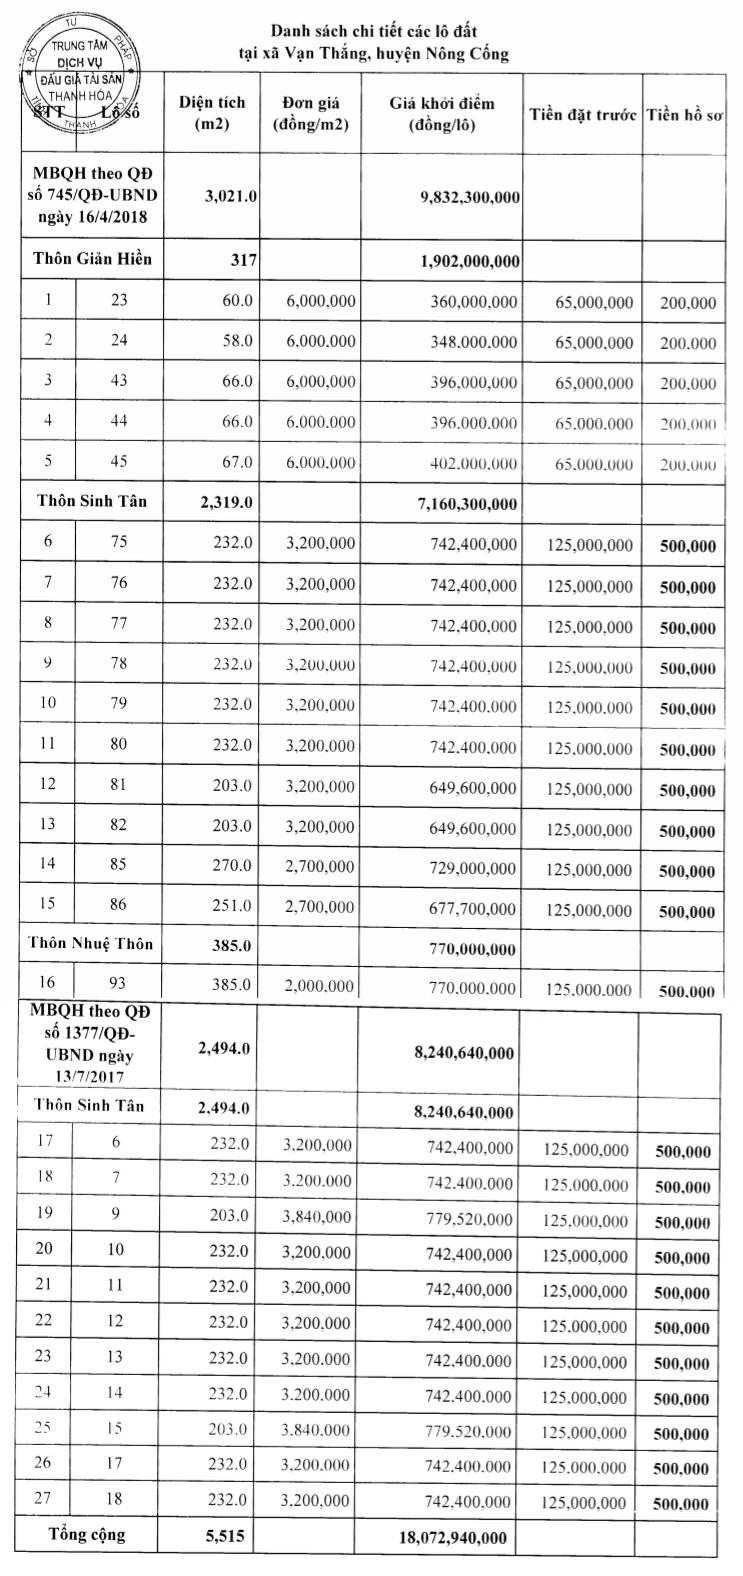 Nông Cống, Thanh Hóa sắp đấu giá 36 lô đất, khởi điểm từ 2 triệu đồng/m2 - Ảnh 2.